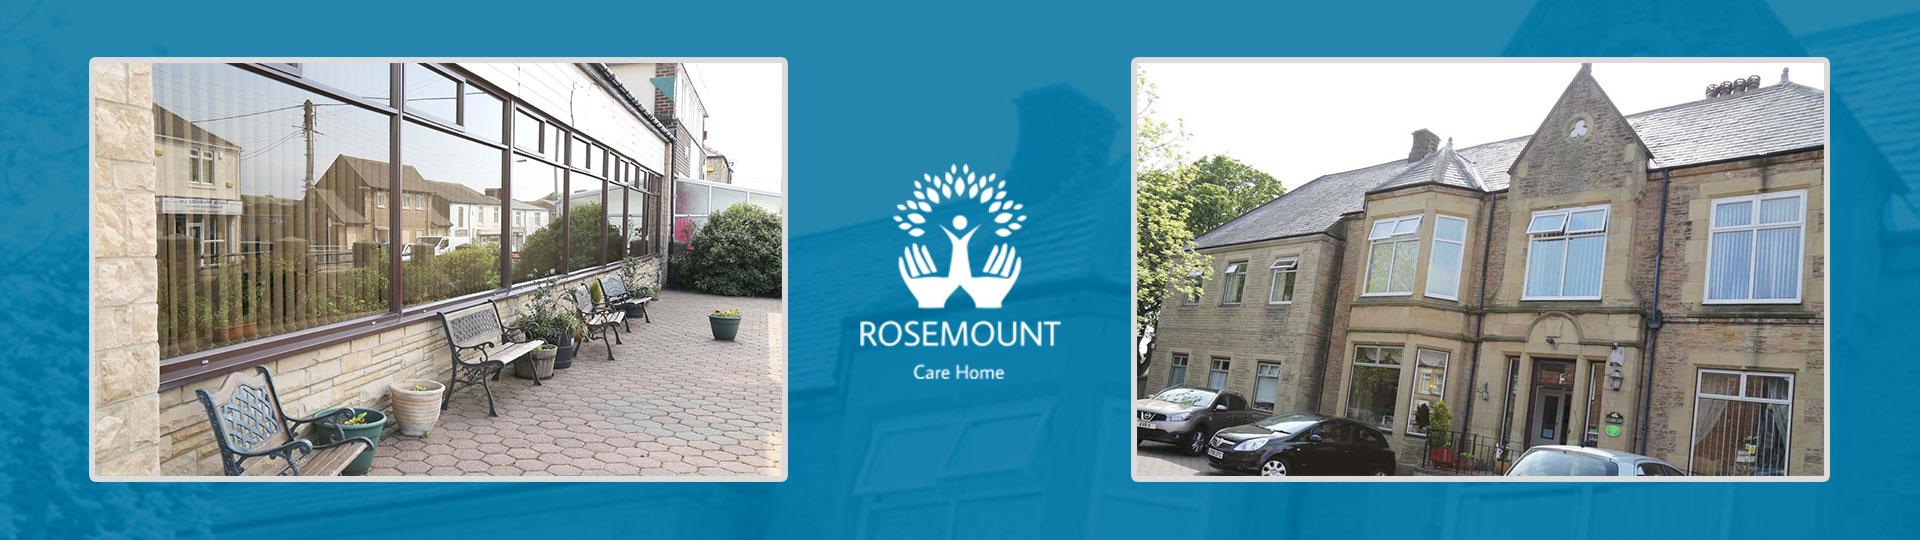 Rosemount-Home-ST0023